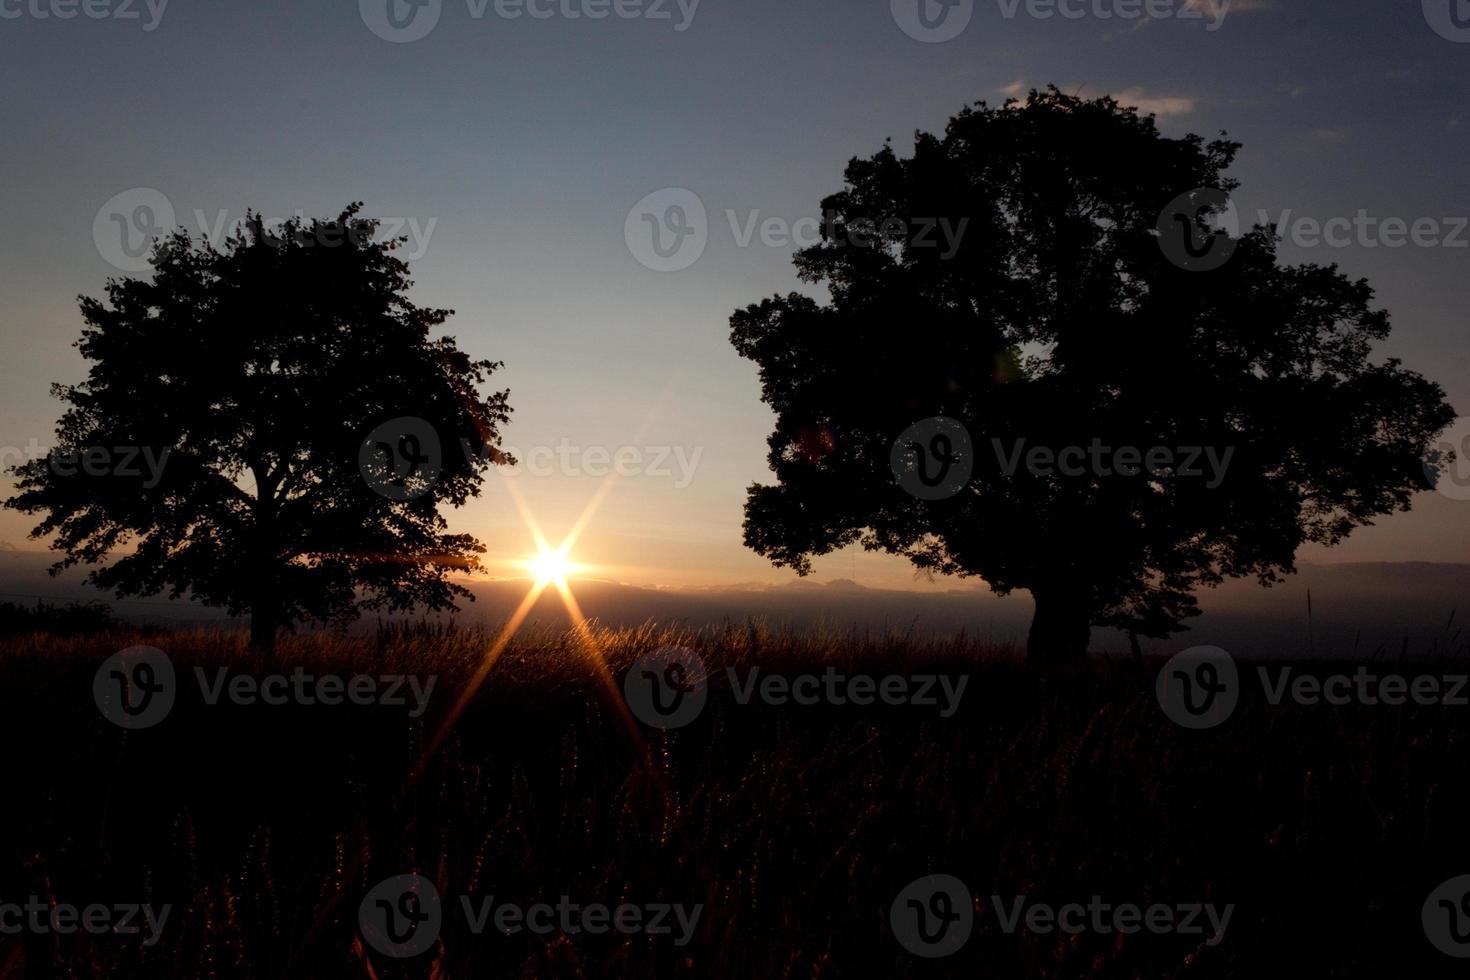 tramonto - albero solitario e sole - immagine di riserva foto